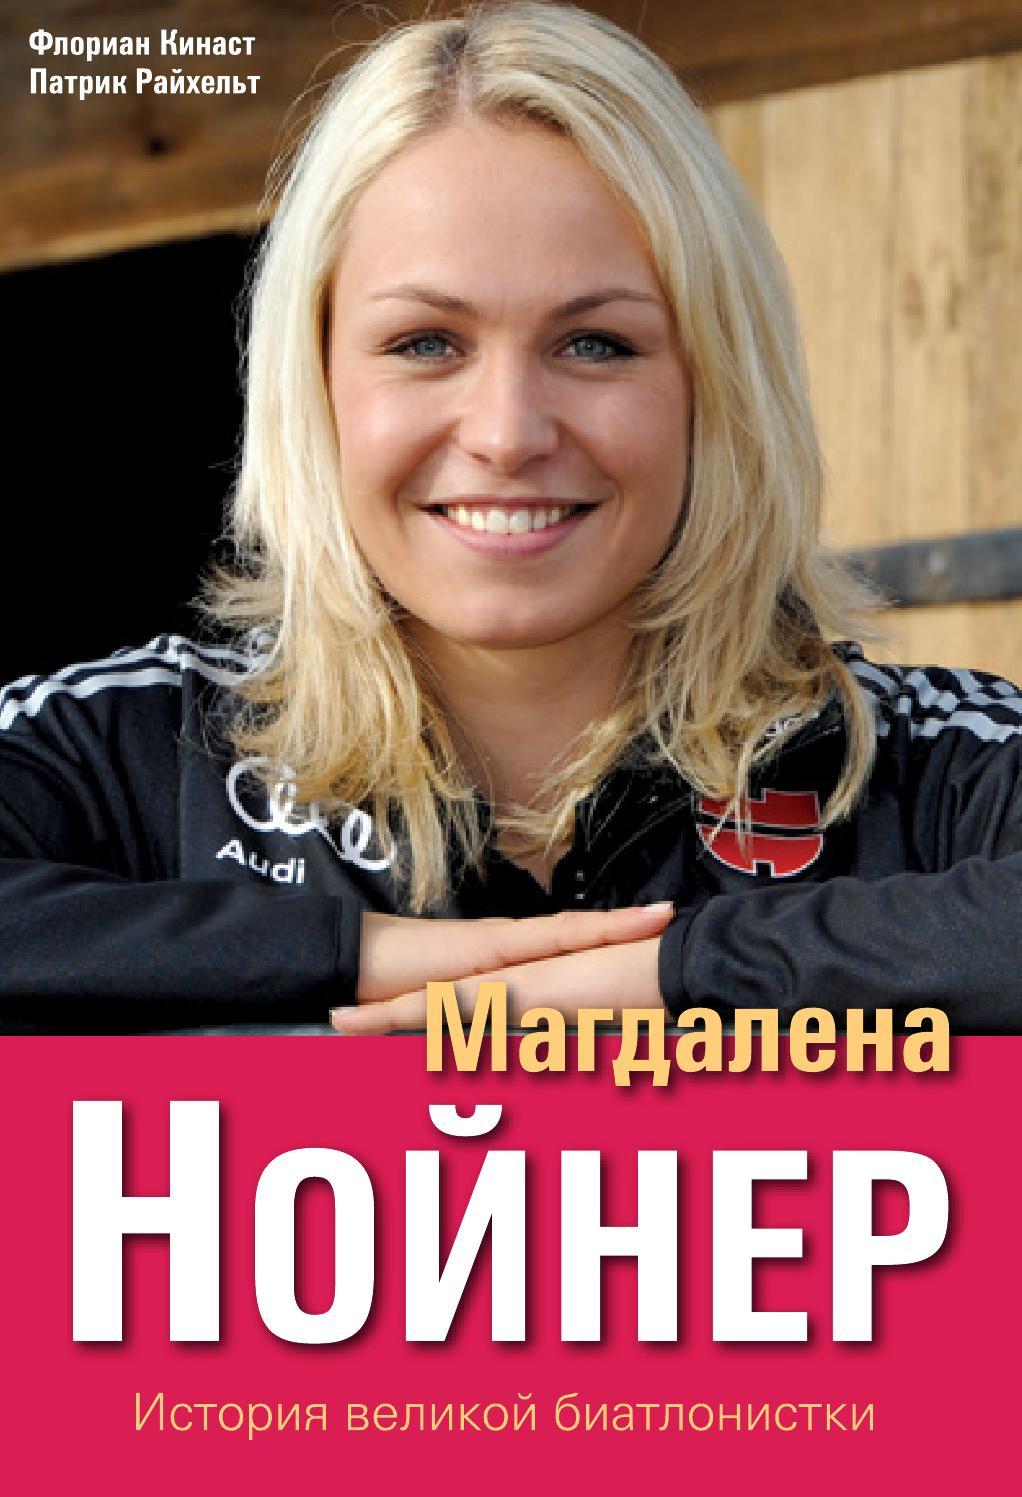 foto-opitnaya-zrelaya